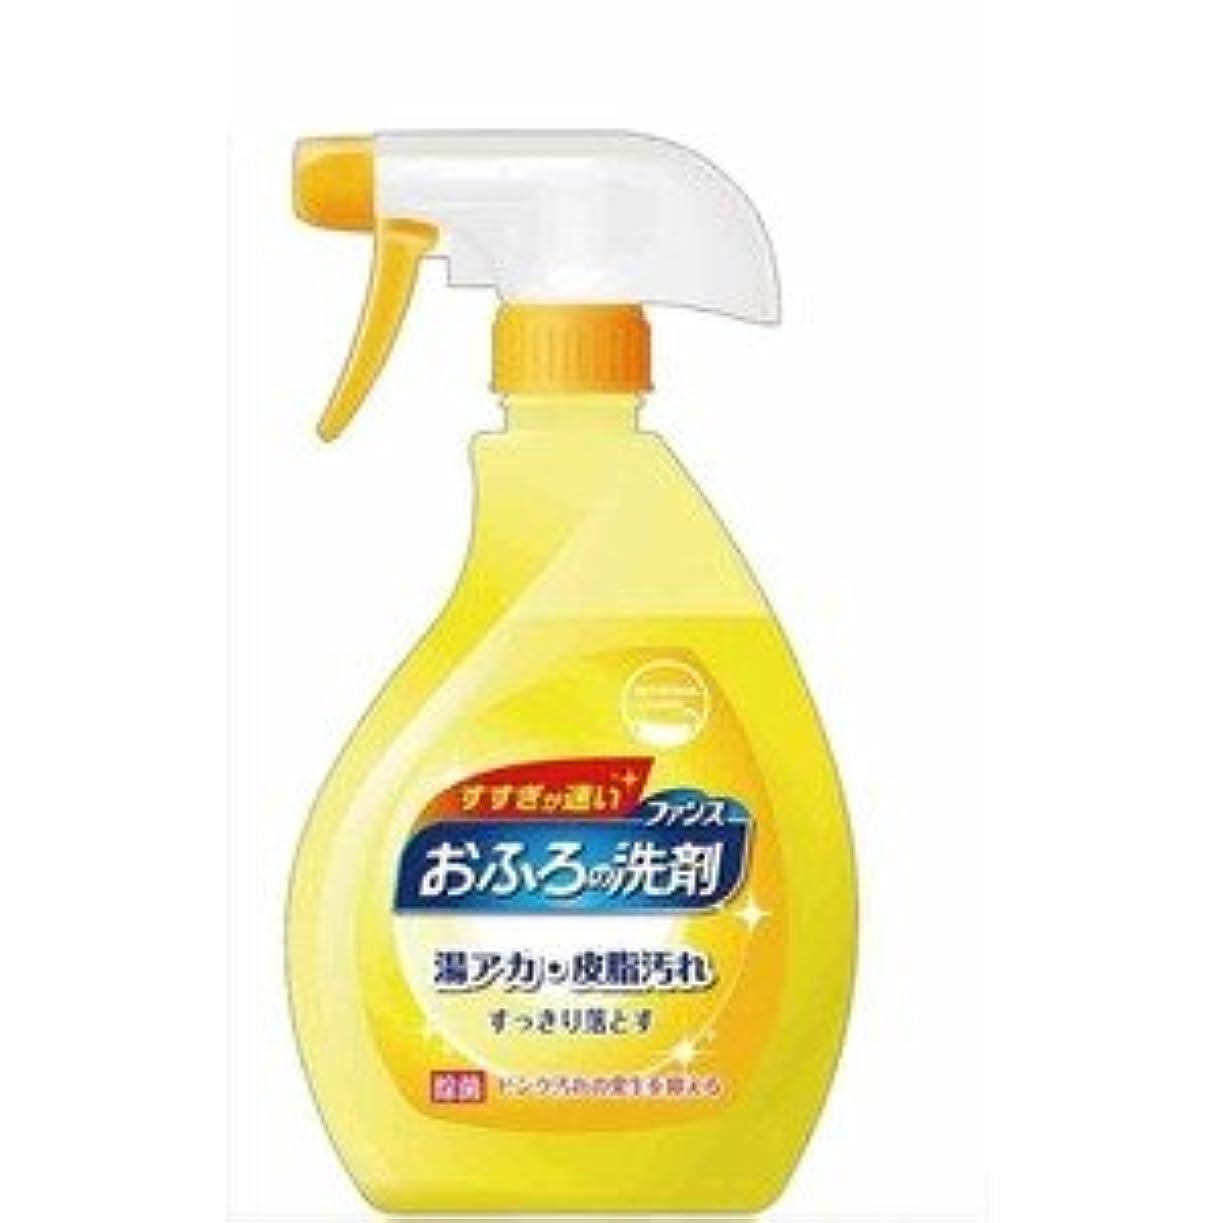 見つける秋代替ルファンスおふろの洗剤オレンジミント本体380ml 46-238 【120個セット】